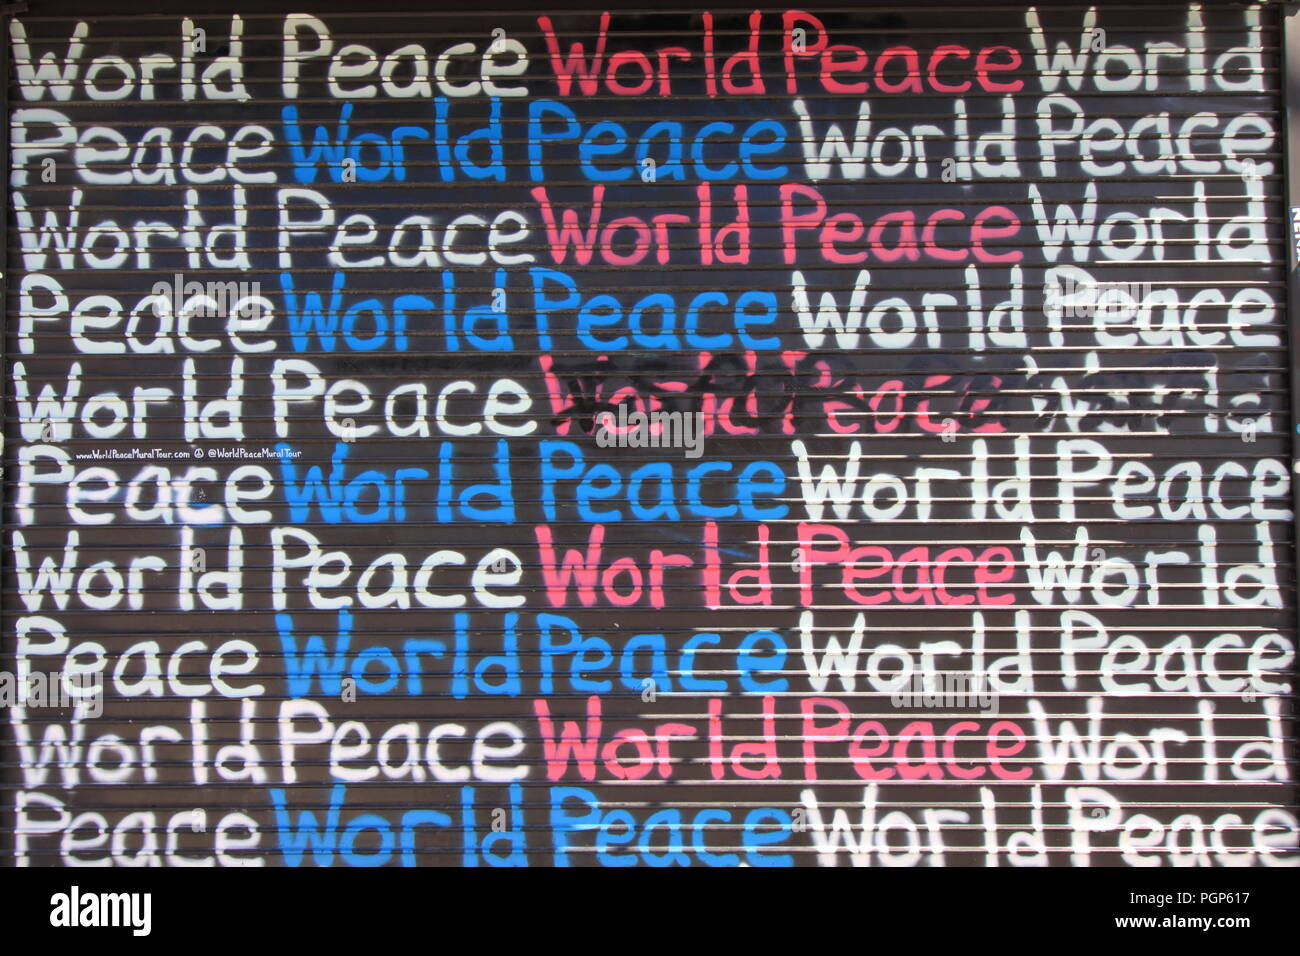 La paz mundial mural en el distrito de diseño de Miami, Florida Imagen De Stock